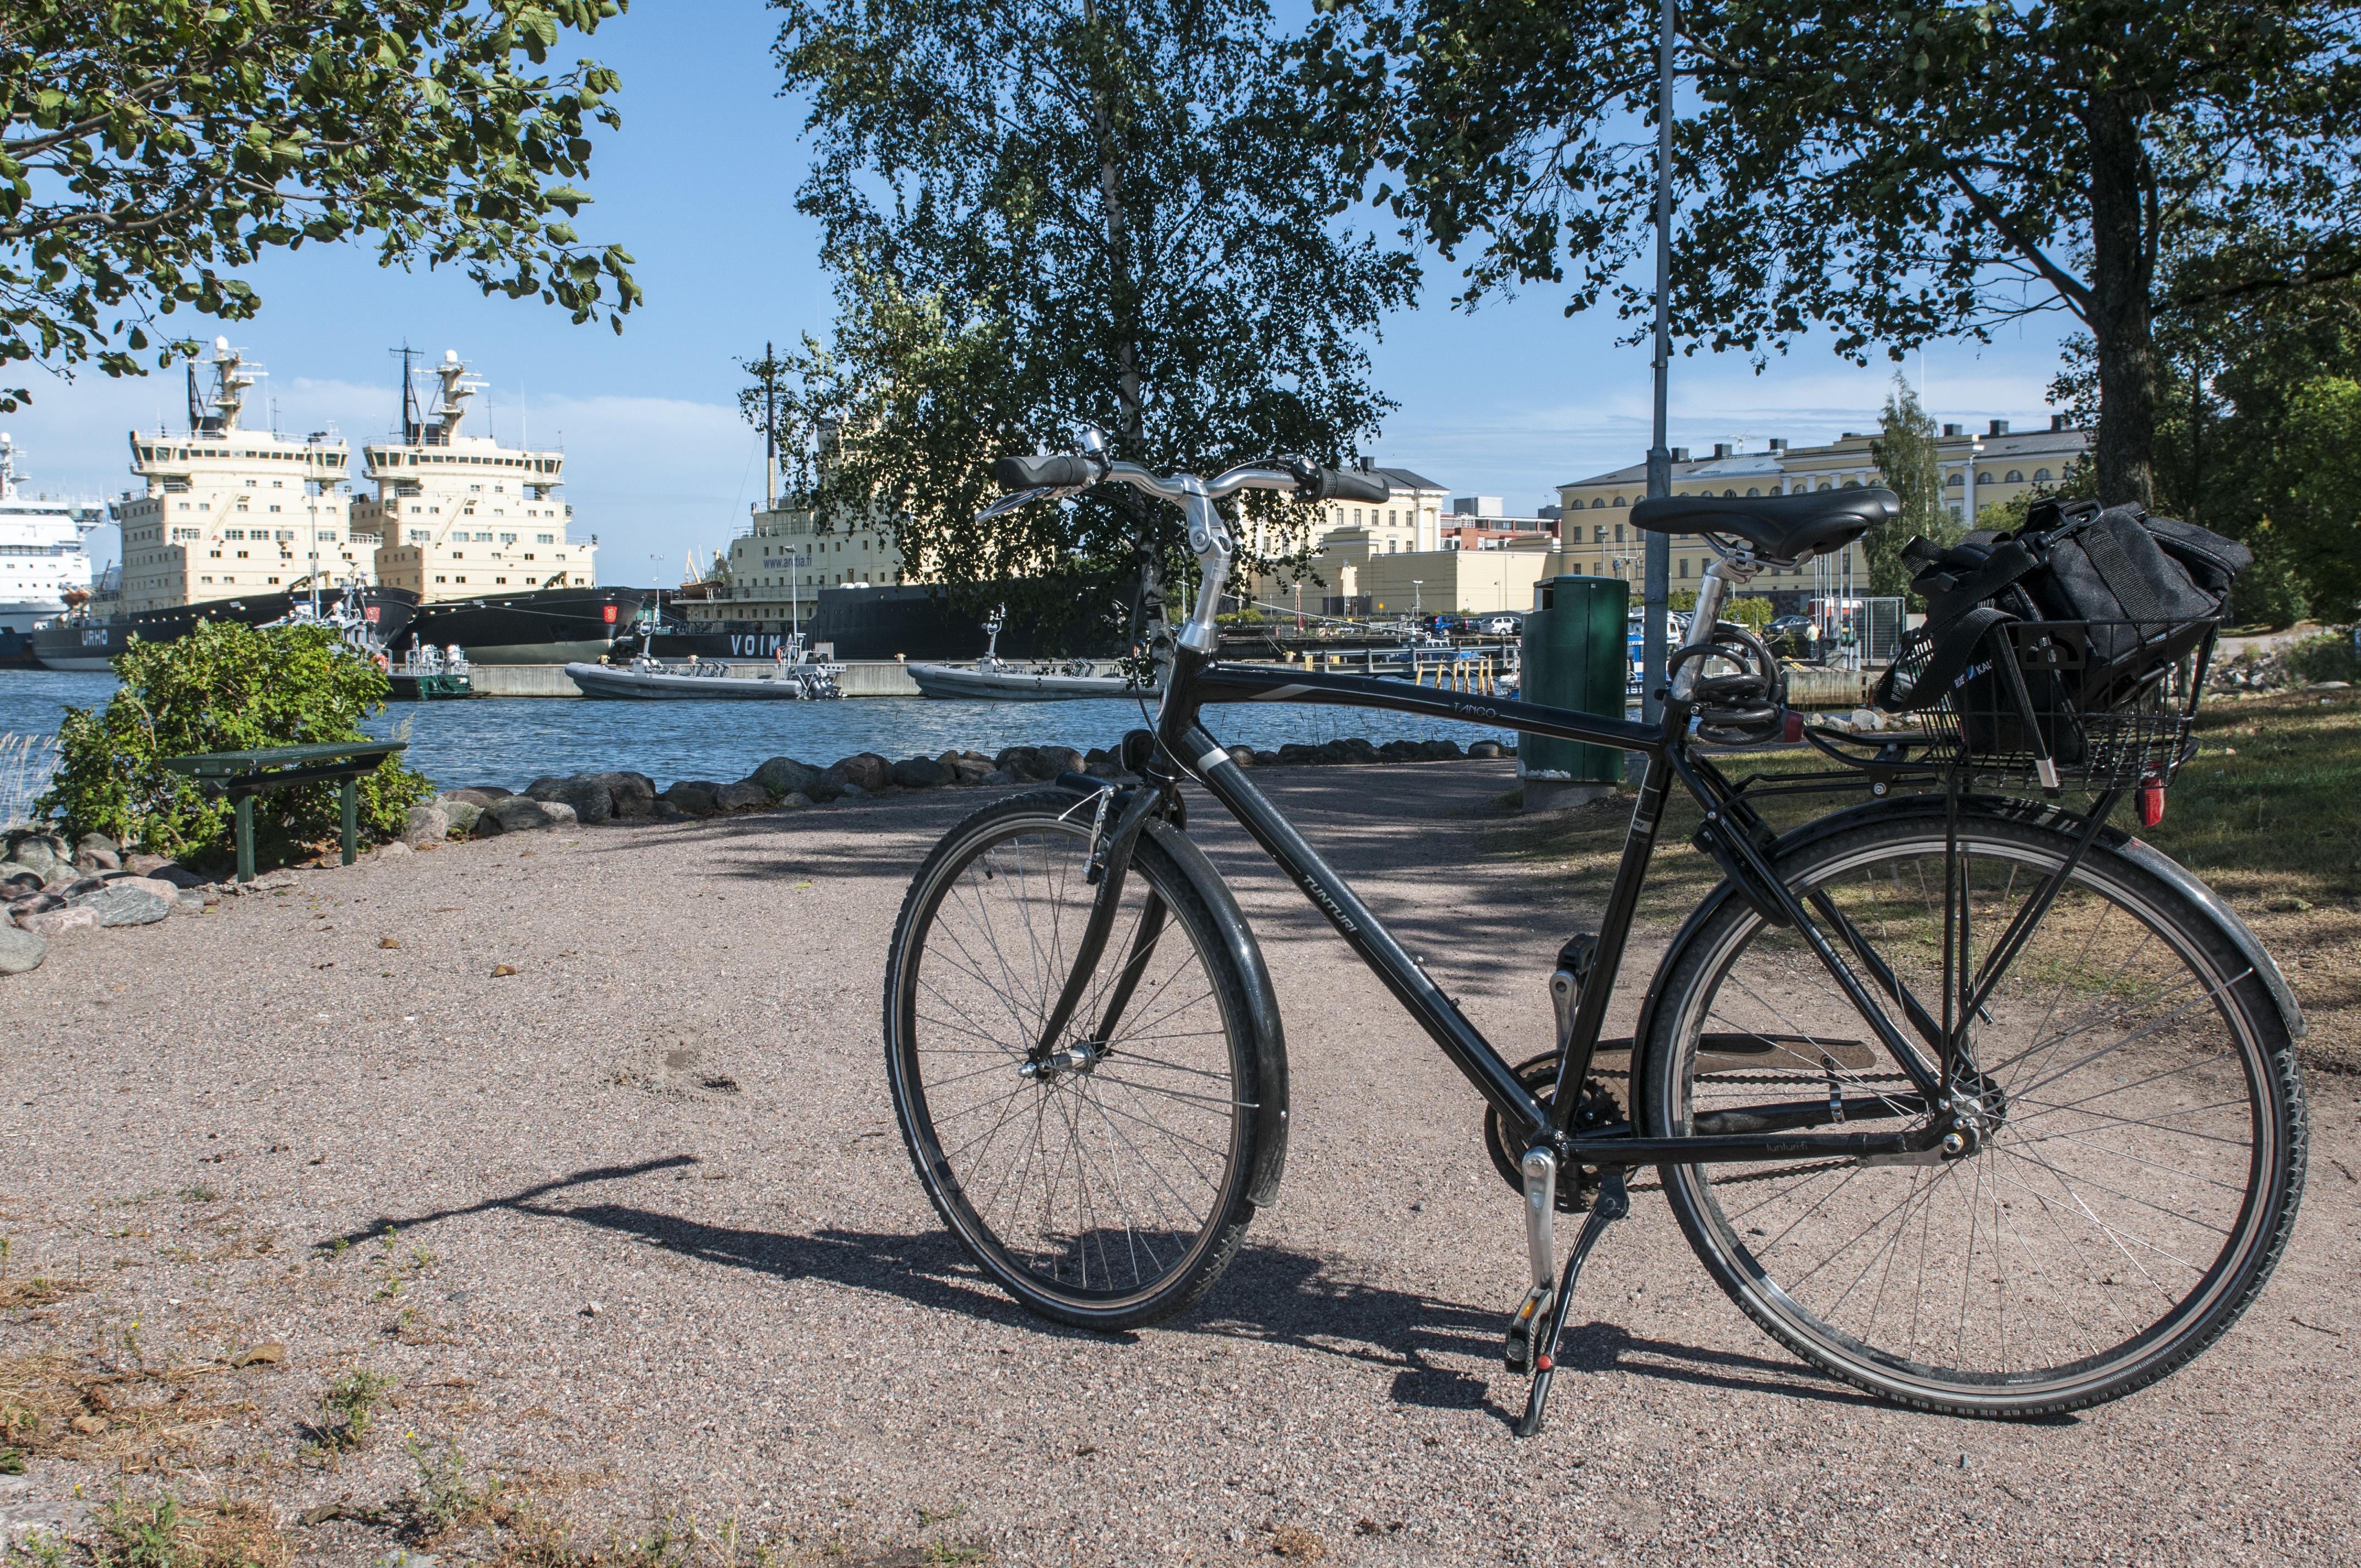 14-08-12-Helsinki-Fahrrad-Tunturi-RalfR-04.jpg